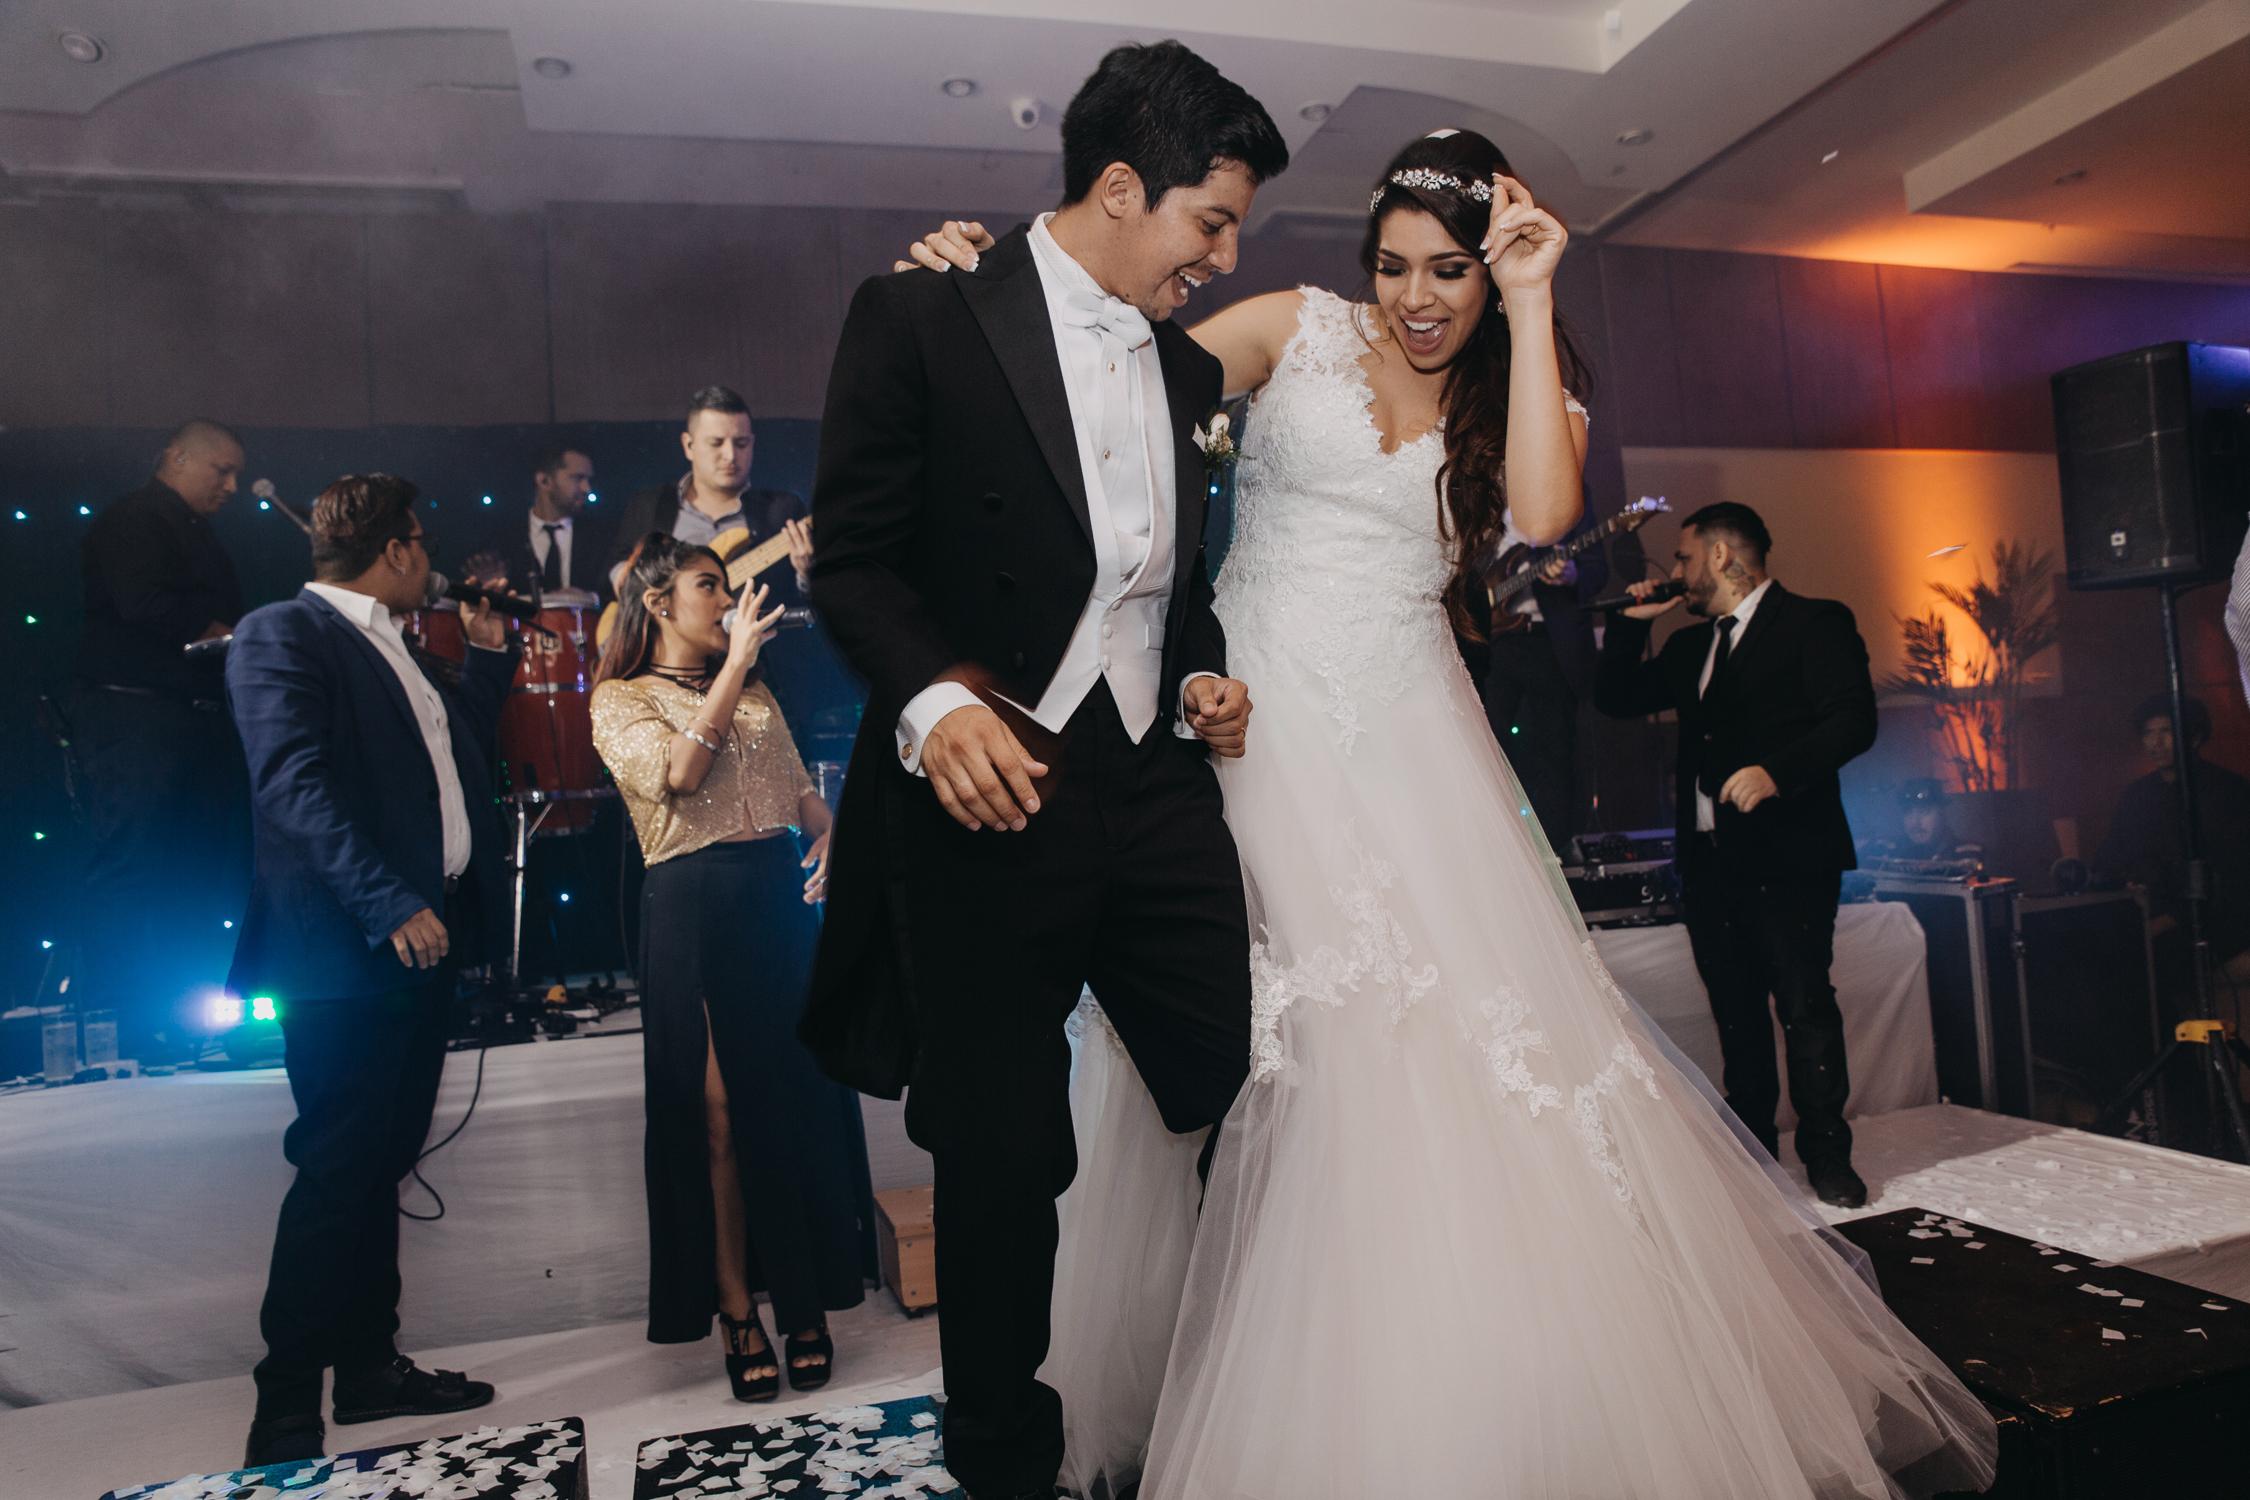 Michelle-Agurto-Fotografia-Bodas-Ecuador-Destination-Wedding-Photographer-Patricia-Guido-328.JPG